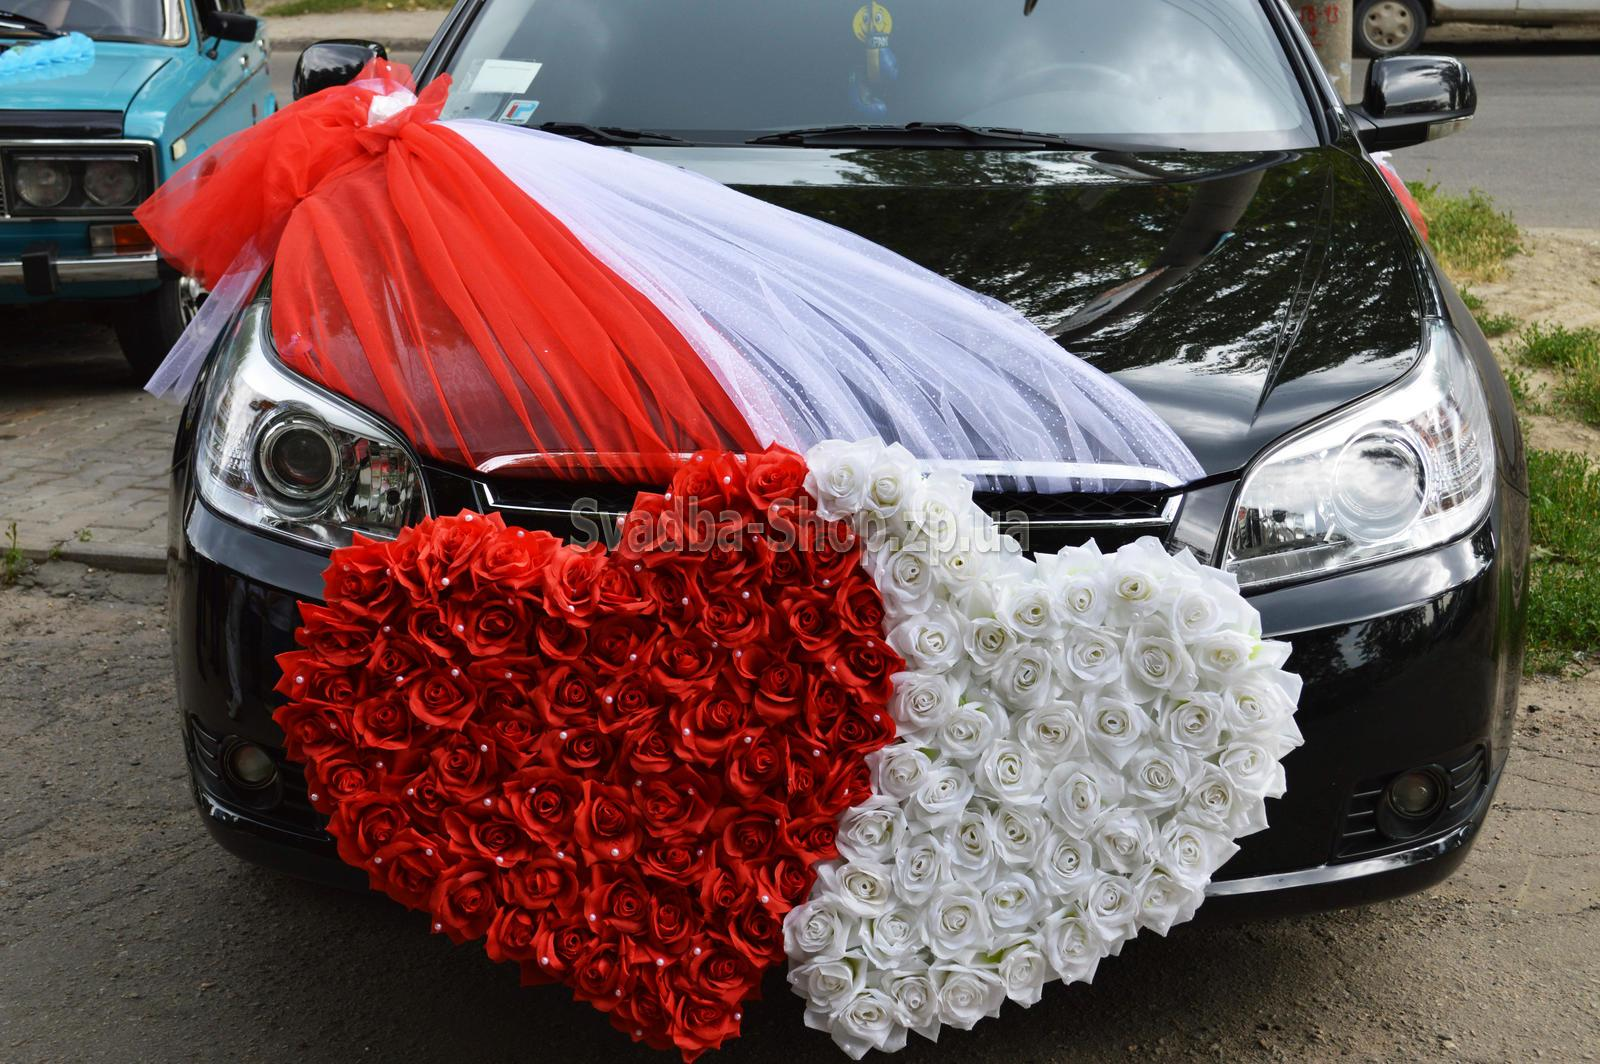 Как украсить машину на свадьбу своими руками красиво?